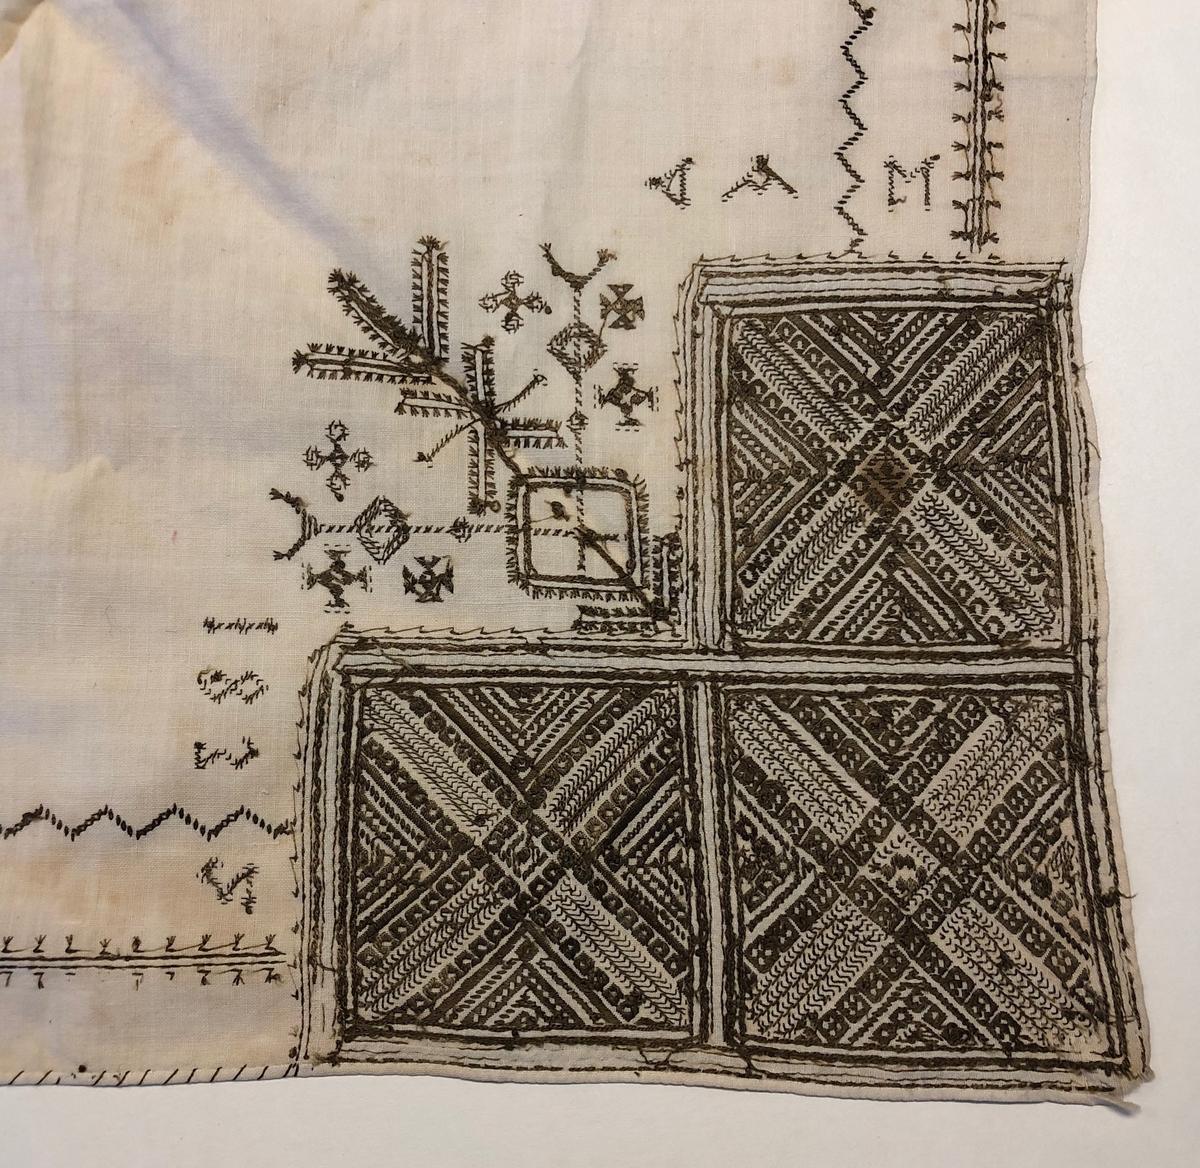 Geometriskt mönster  i kvadrater i hörnen. Två bårder mellan kvadraterna på ryggsnibb och framsnibbar.  På ryggsnibben tre kvadrater  och en  majstångsspira samt märkning med årtal och initialer.  På varje framsnibb en kvadrat och en trekant. Sexton  ornament